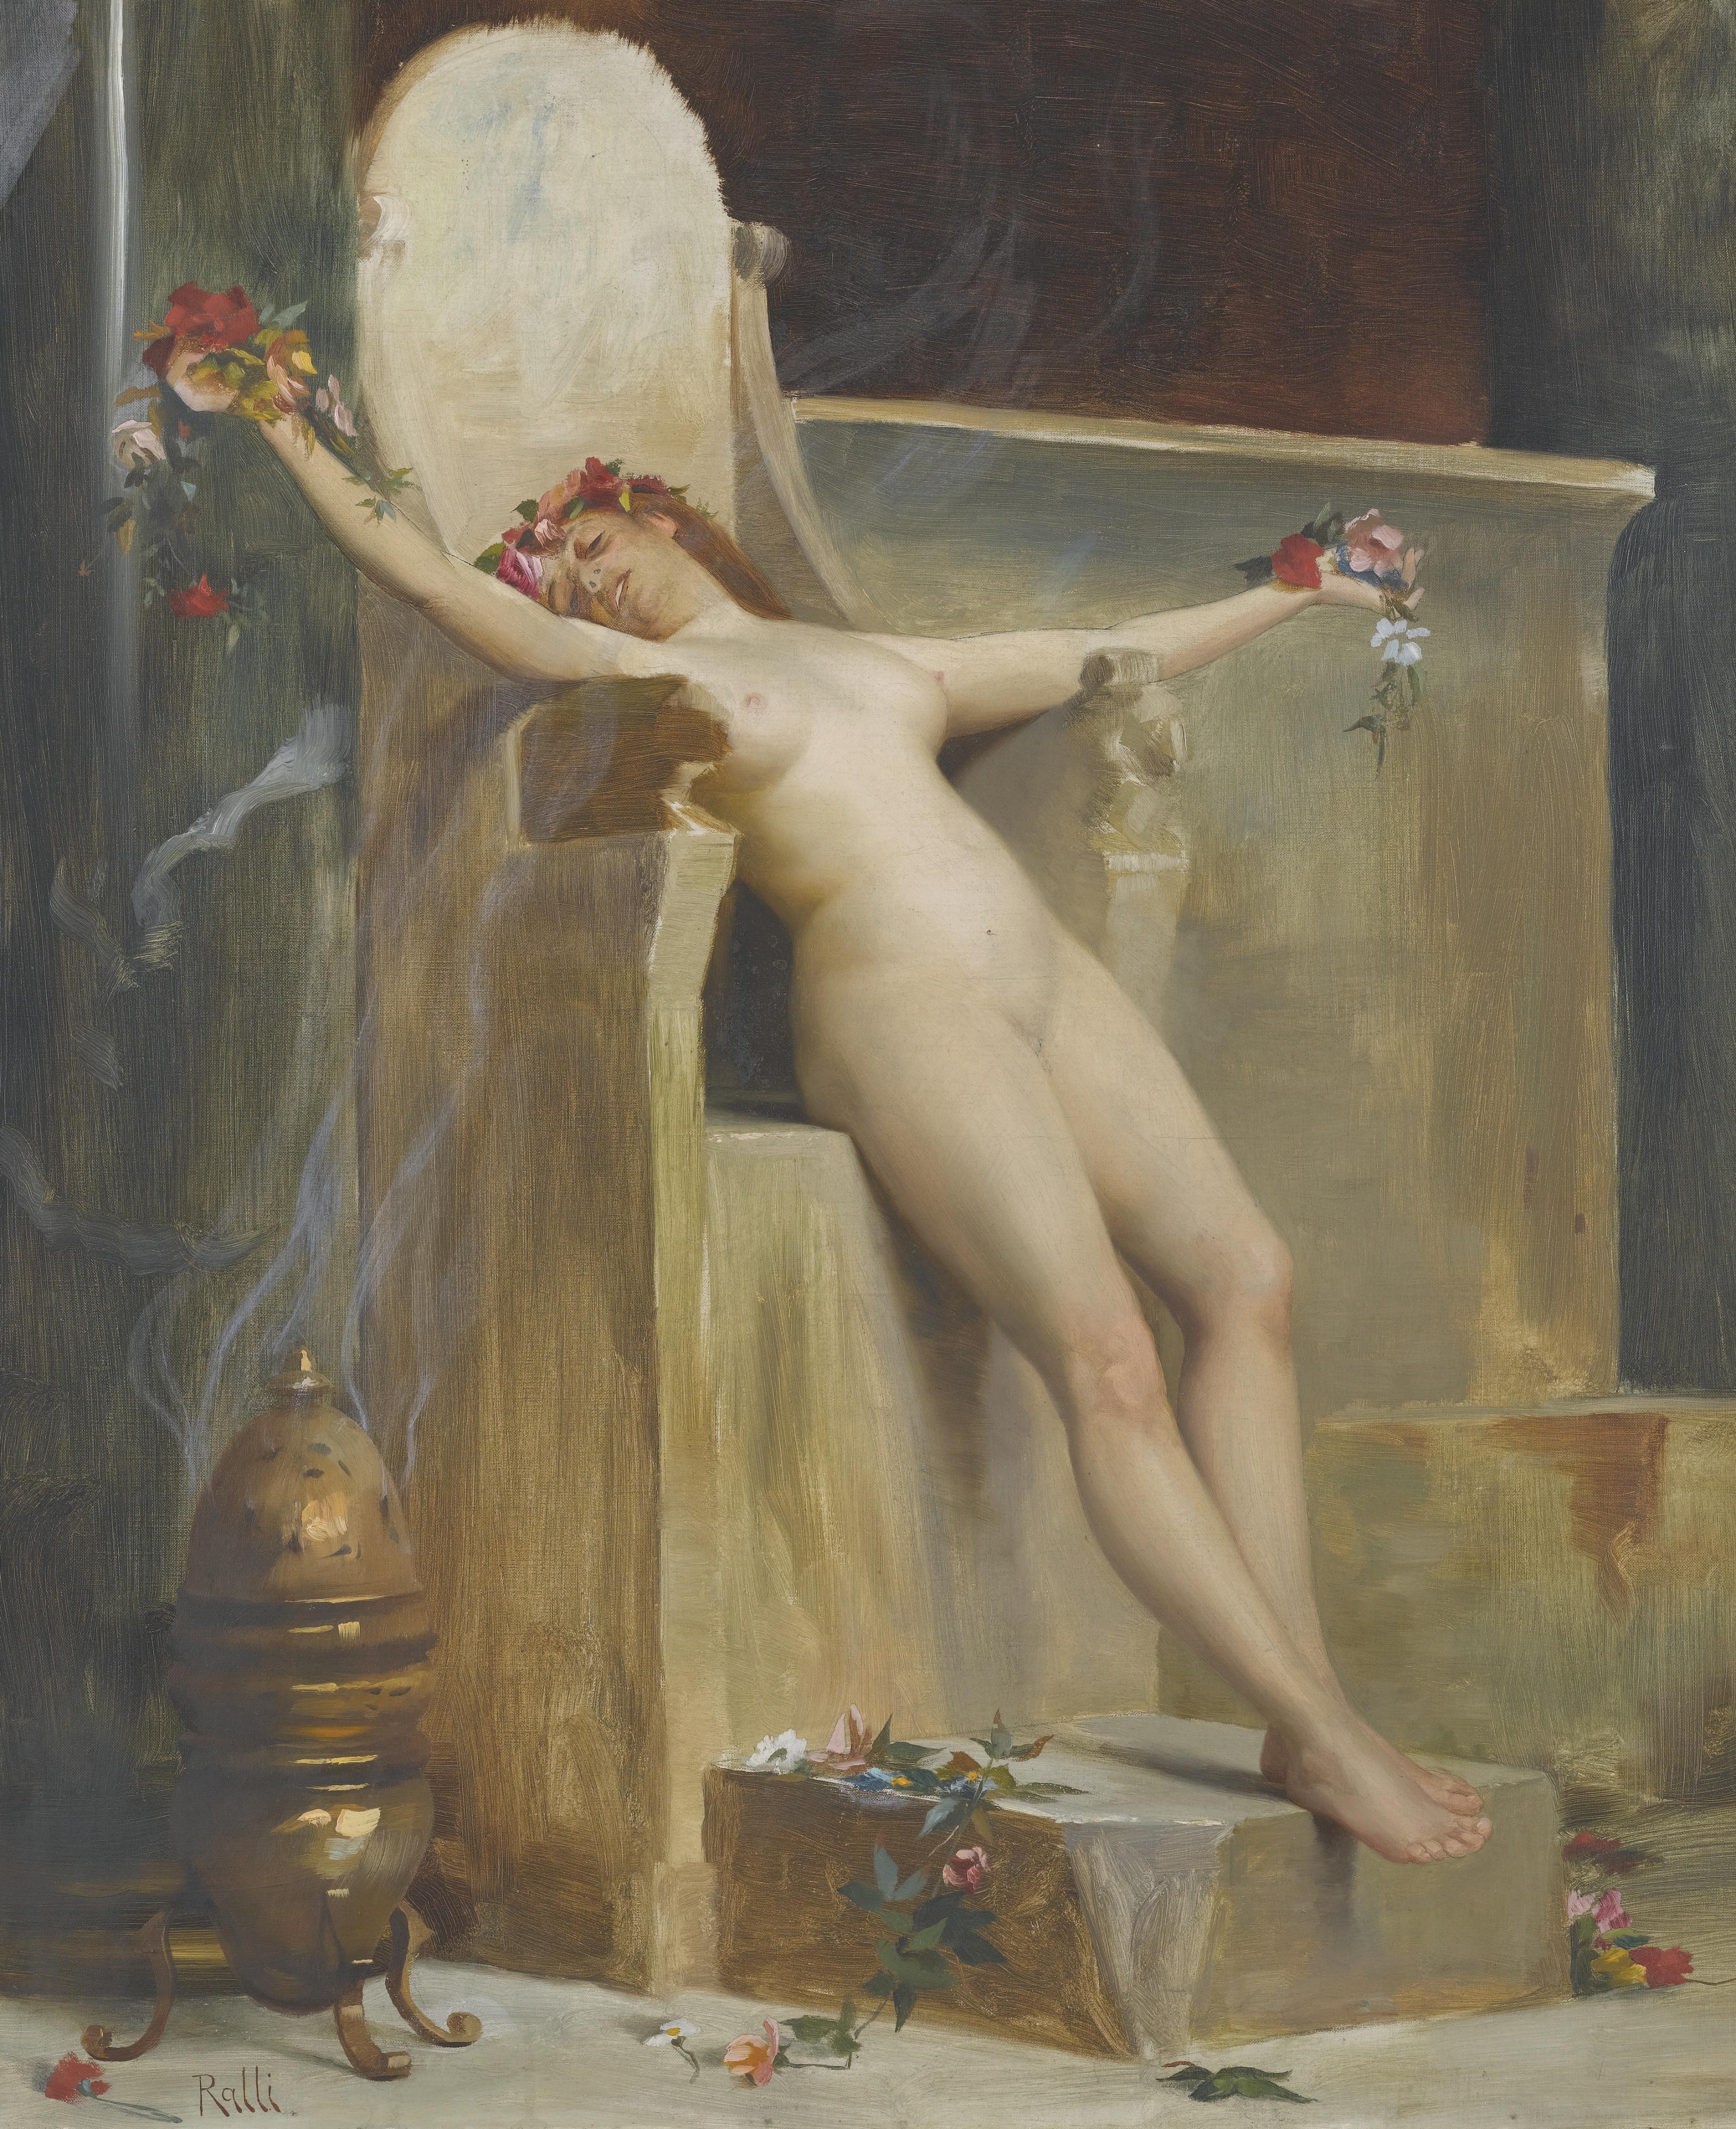 Theodoros Rallis, 1852-1909. Жертвоприношение. 55.5 х 46 см. частная коллекция